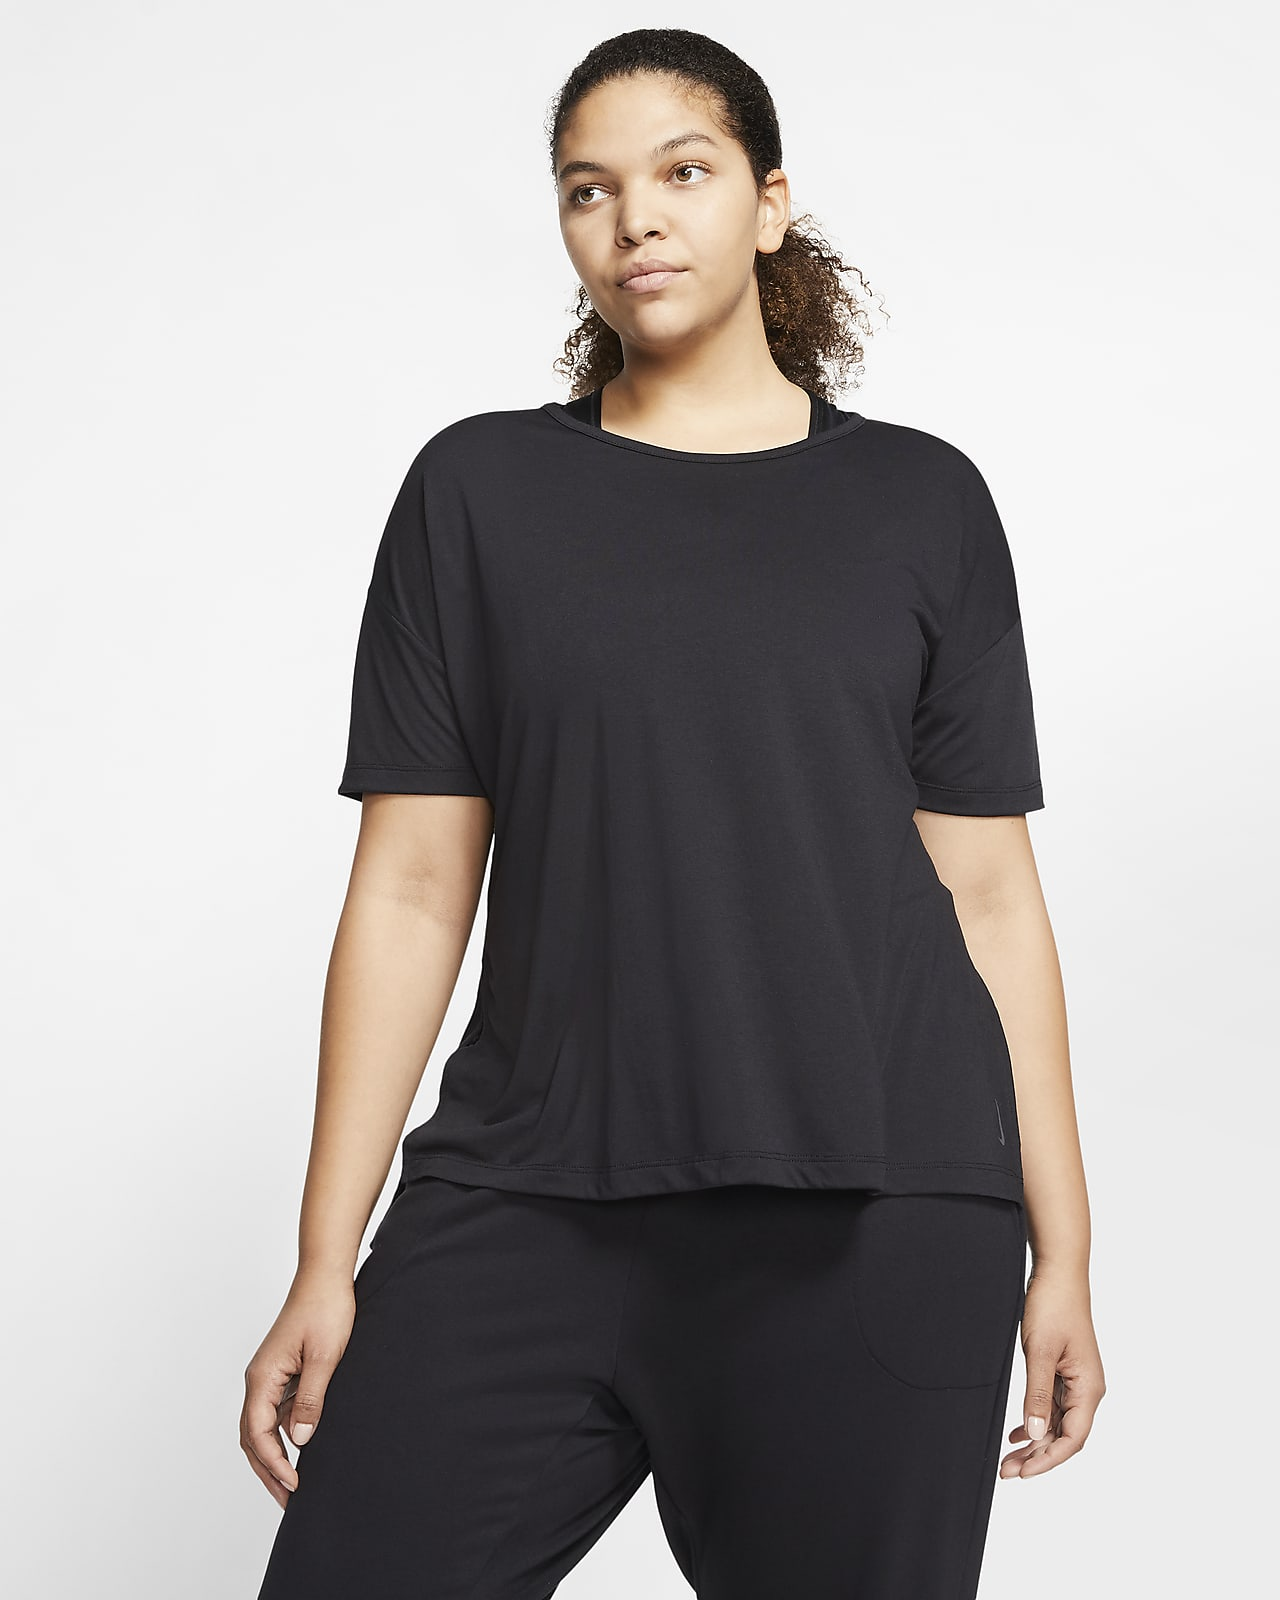 Женская футболка с коротким рукавом Nike Yoga (большие размеры)